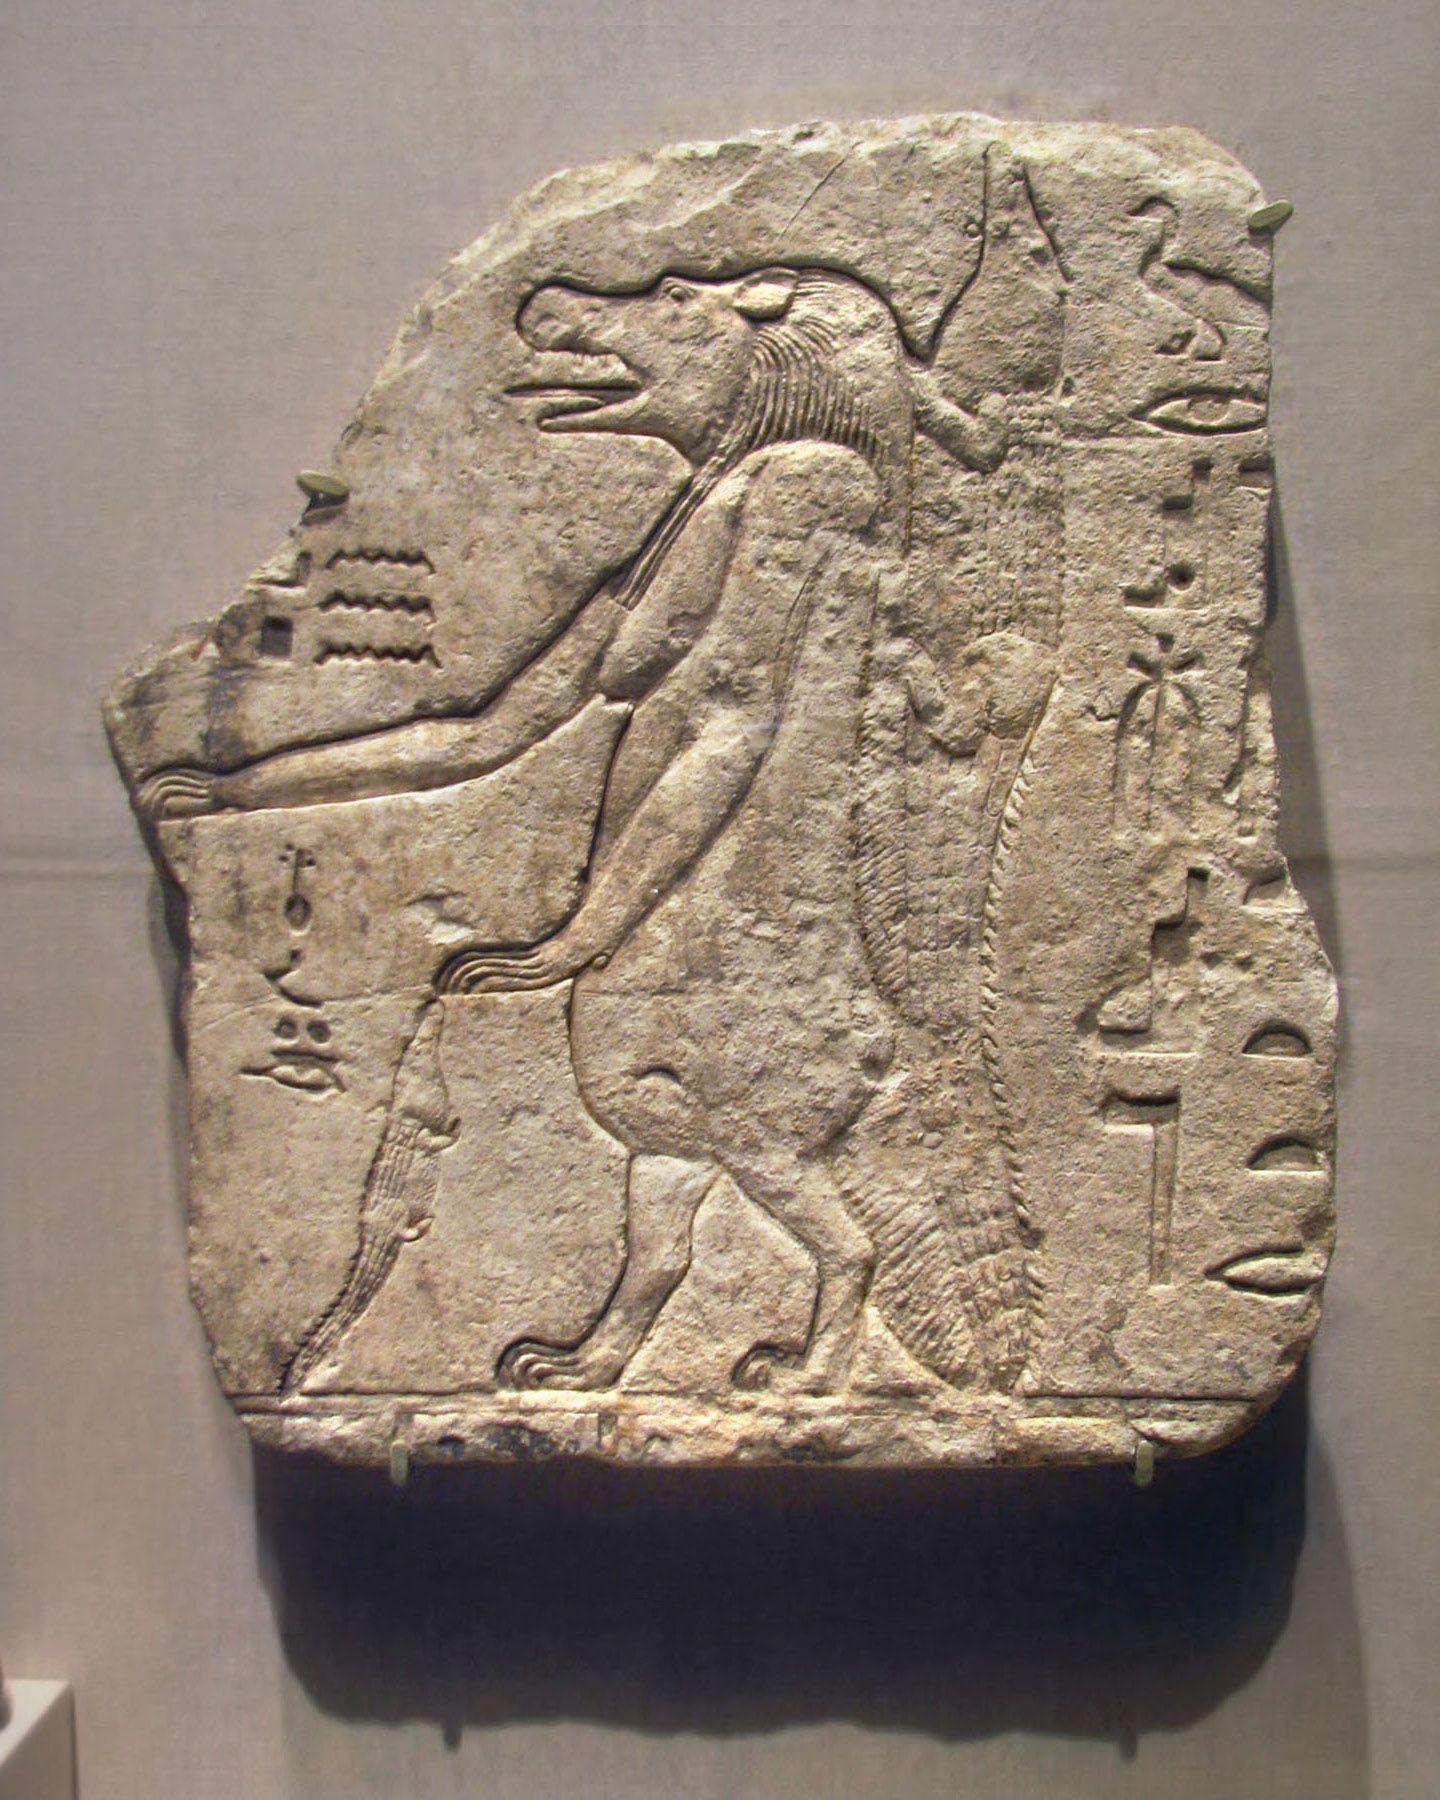 fragmento de un relieve en piedra caliza representando a